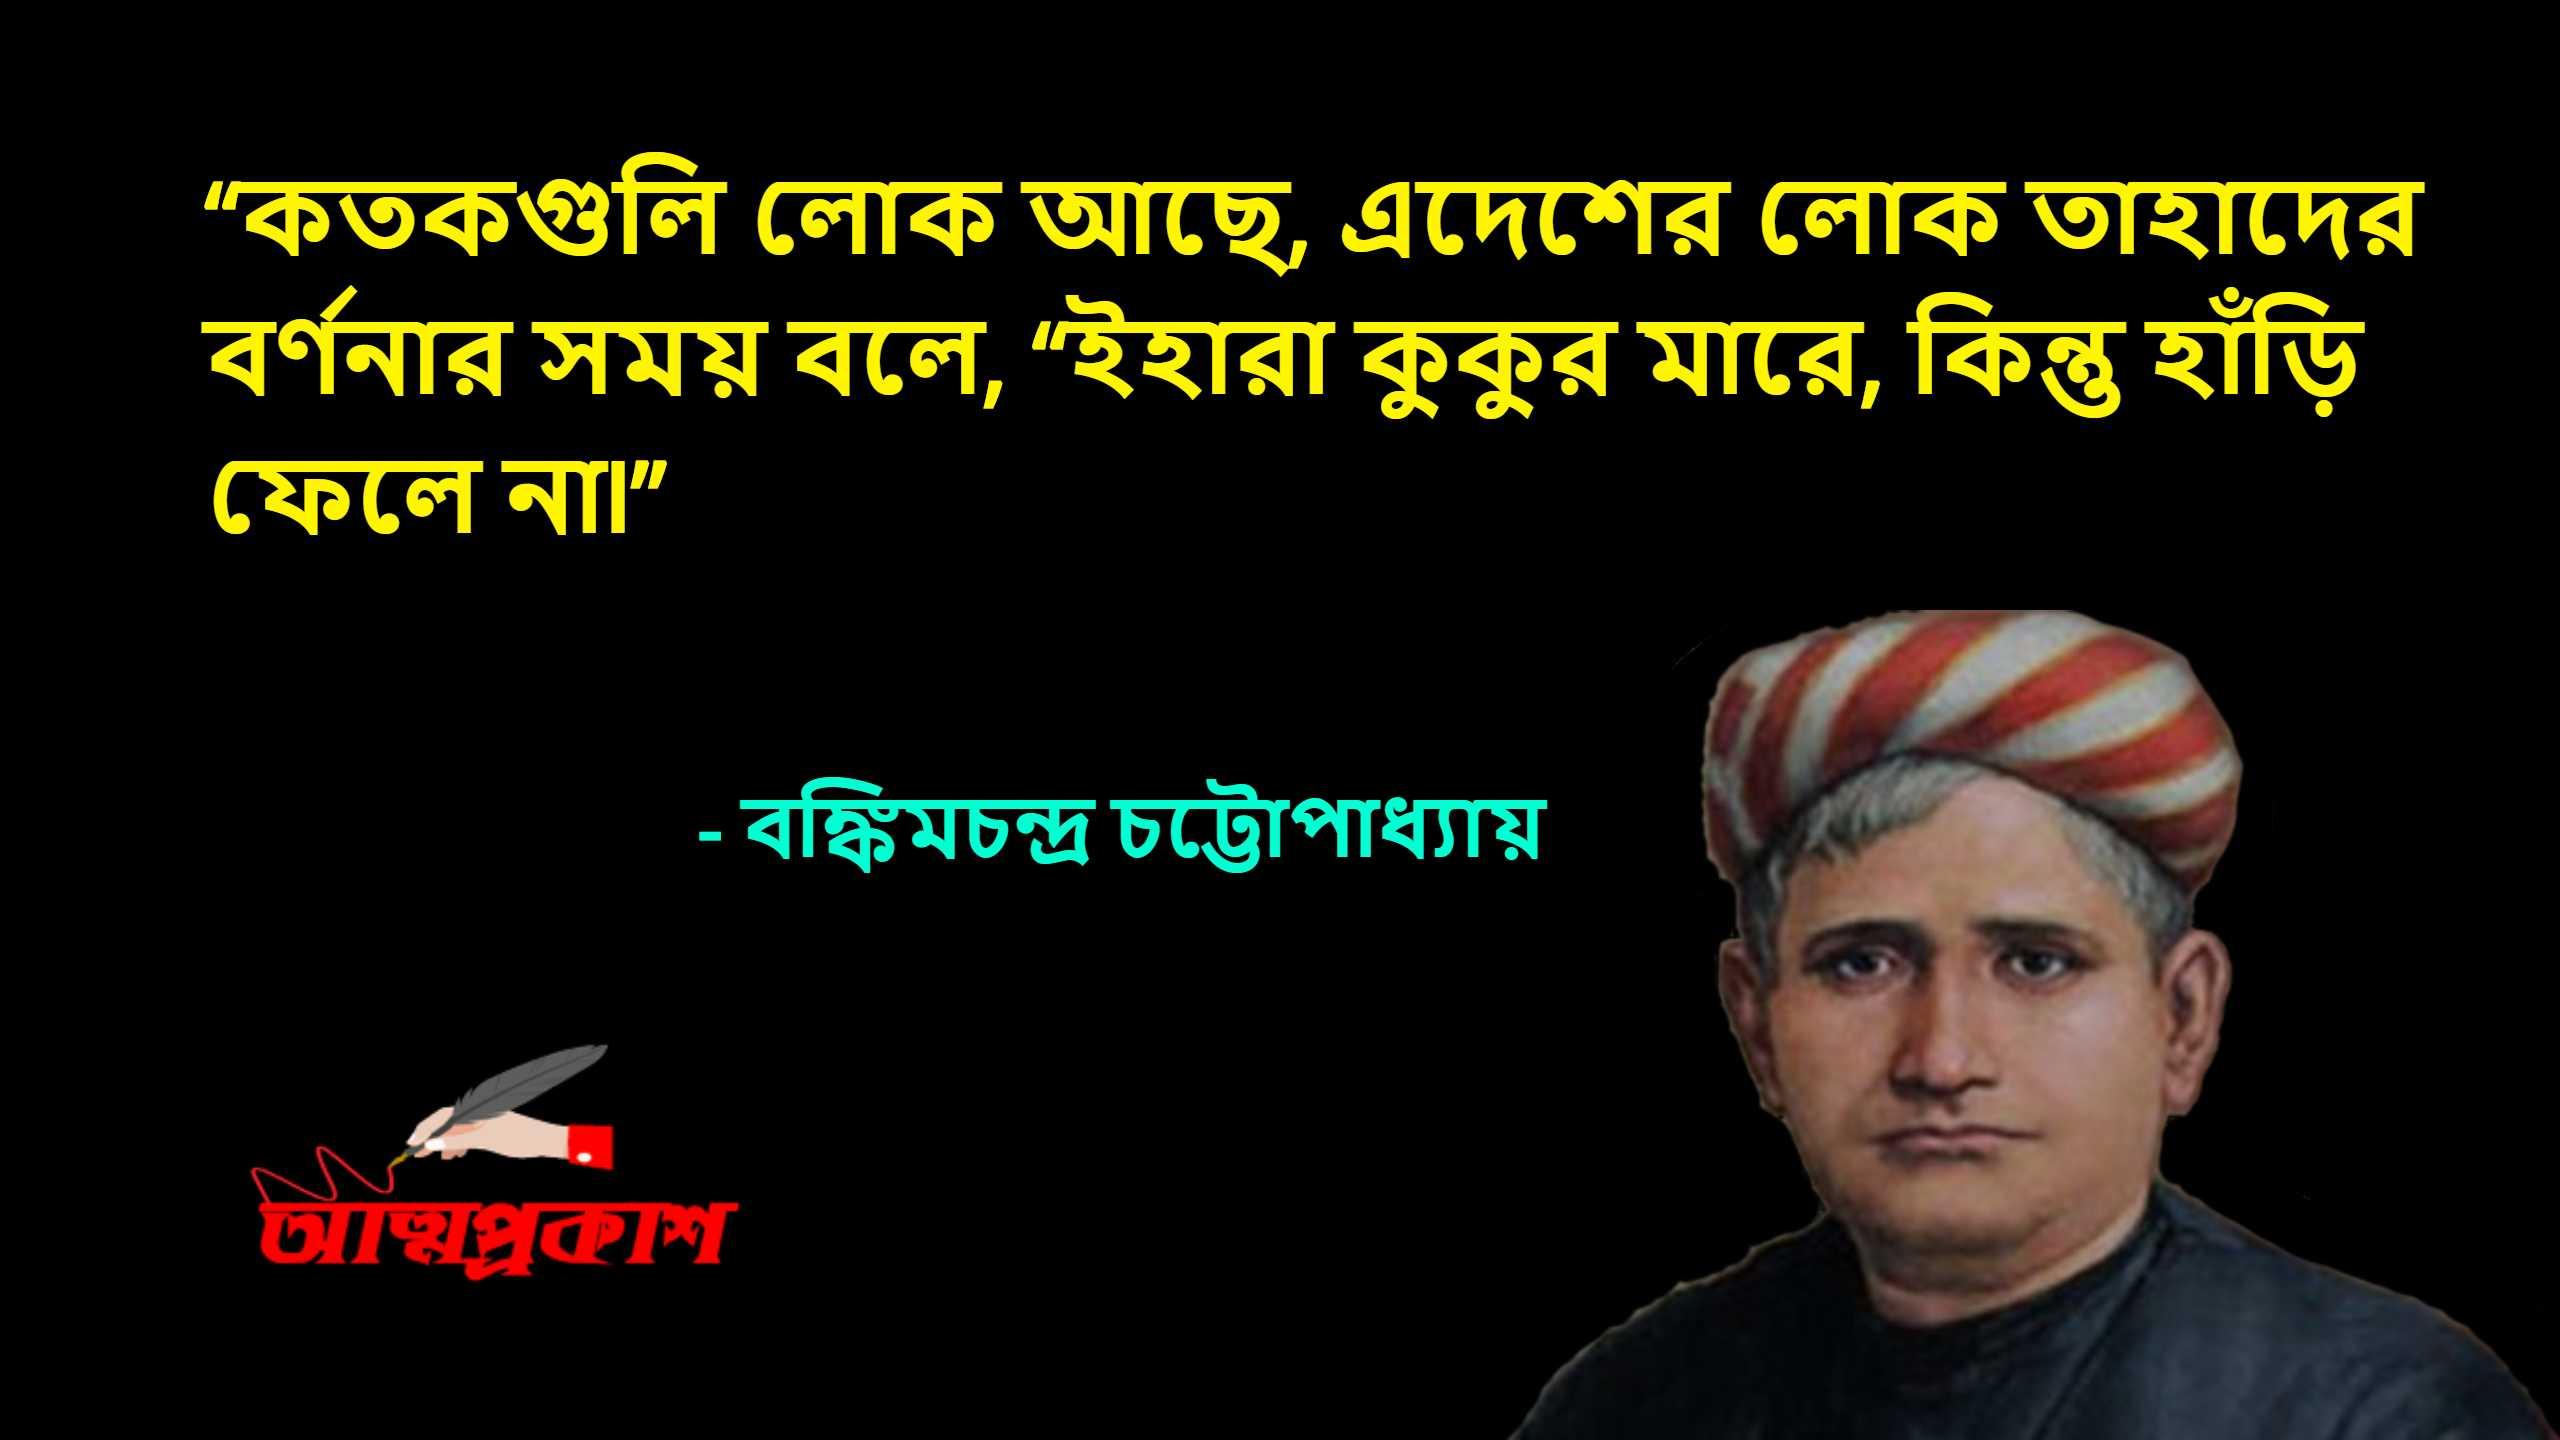 মানুষ-নিয়ে-বঙ্কিমচন্দ্র-চট্টোপাধ্যায়-উক্তি-বাণী-Bankim-Chandra-Chattopadhyay-quotes-about-men-bangla-bani